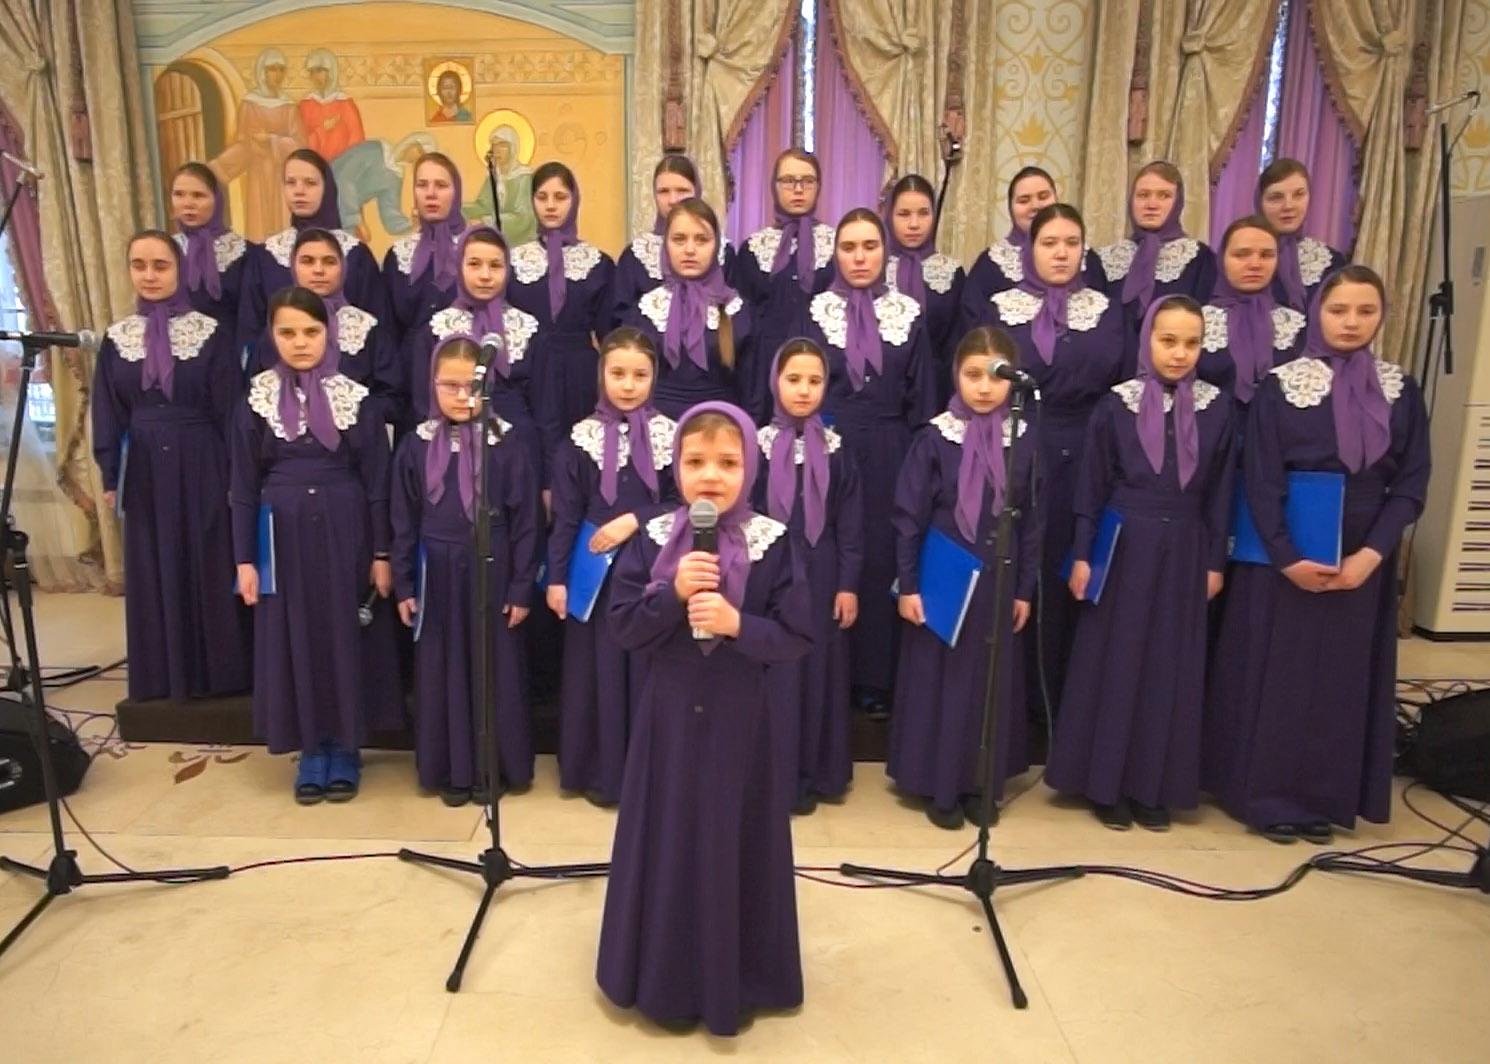 Праздничный концерт воспитанниц детского приюта посвященный 20-летию обретения мощей блаженной Матроны Московской.